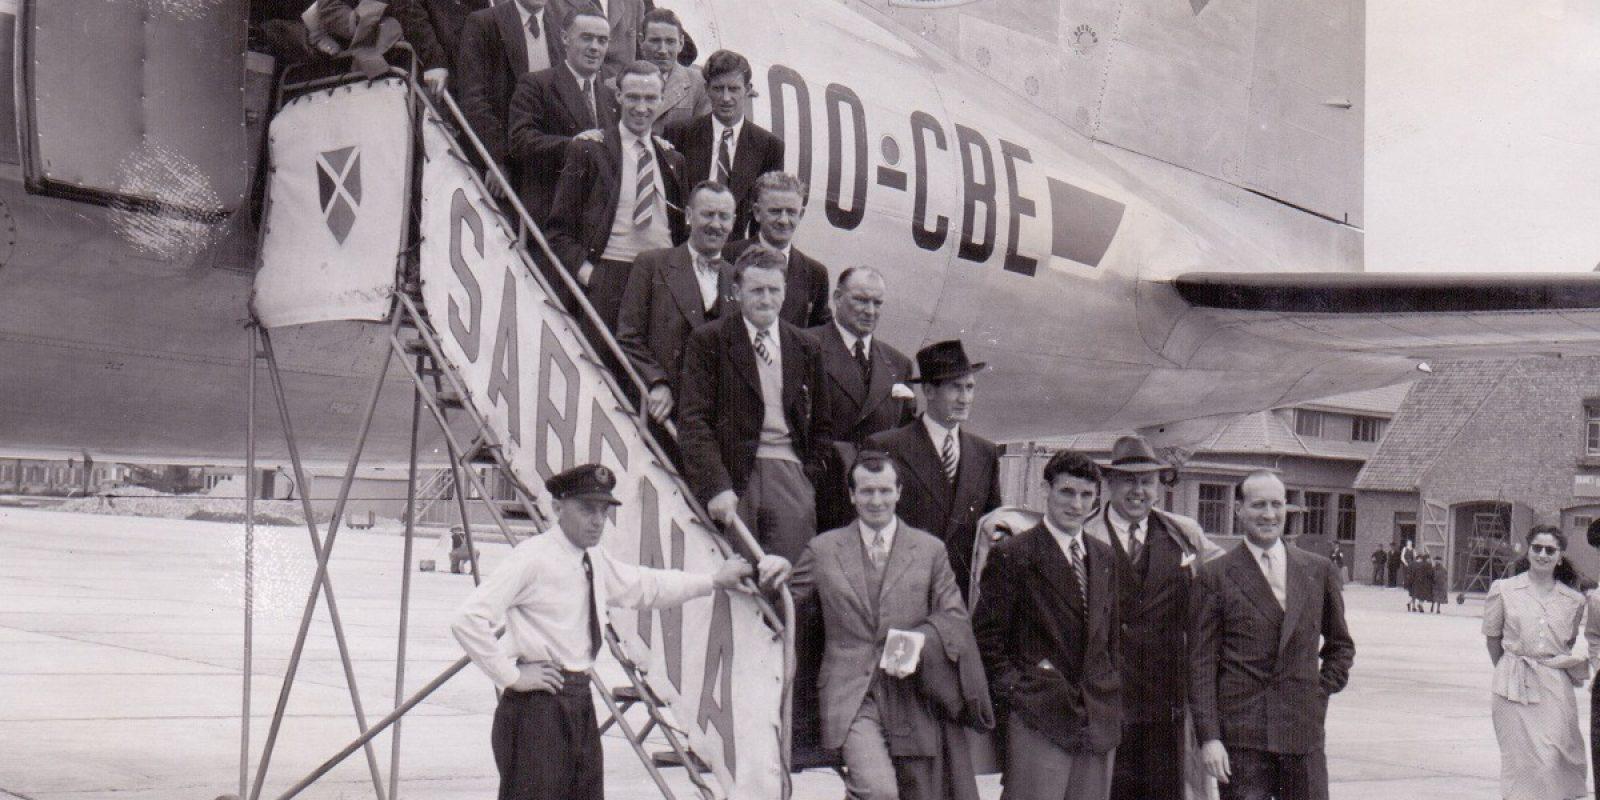 Twee dagen voor het ongeval met de OO-CBE maakte de Britse voetbalploeg Arsenal nog gebruik van het vliegtuig, hier gefotografeerd op de luchthaven van Melsbroek. (Foto Sabena, archief Frans Van Humbeek)